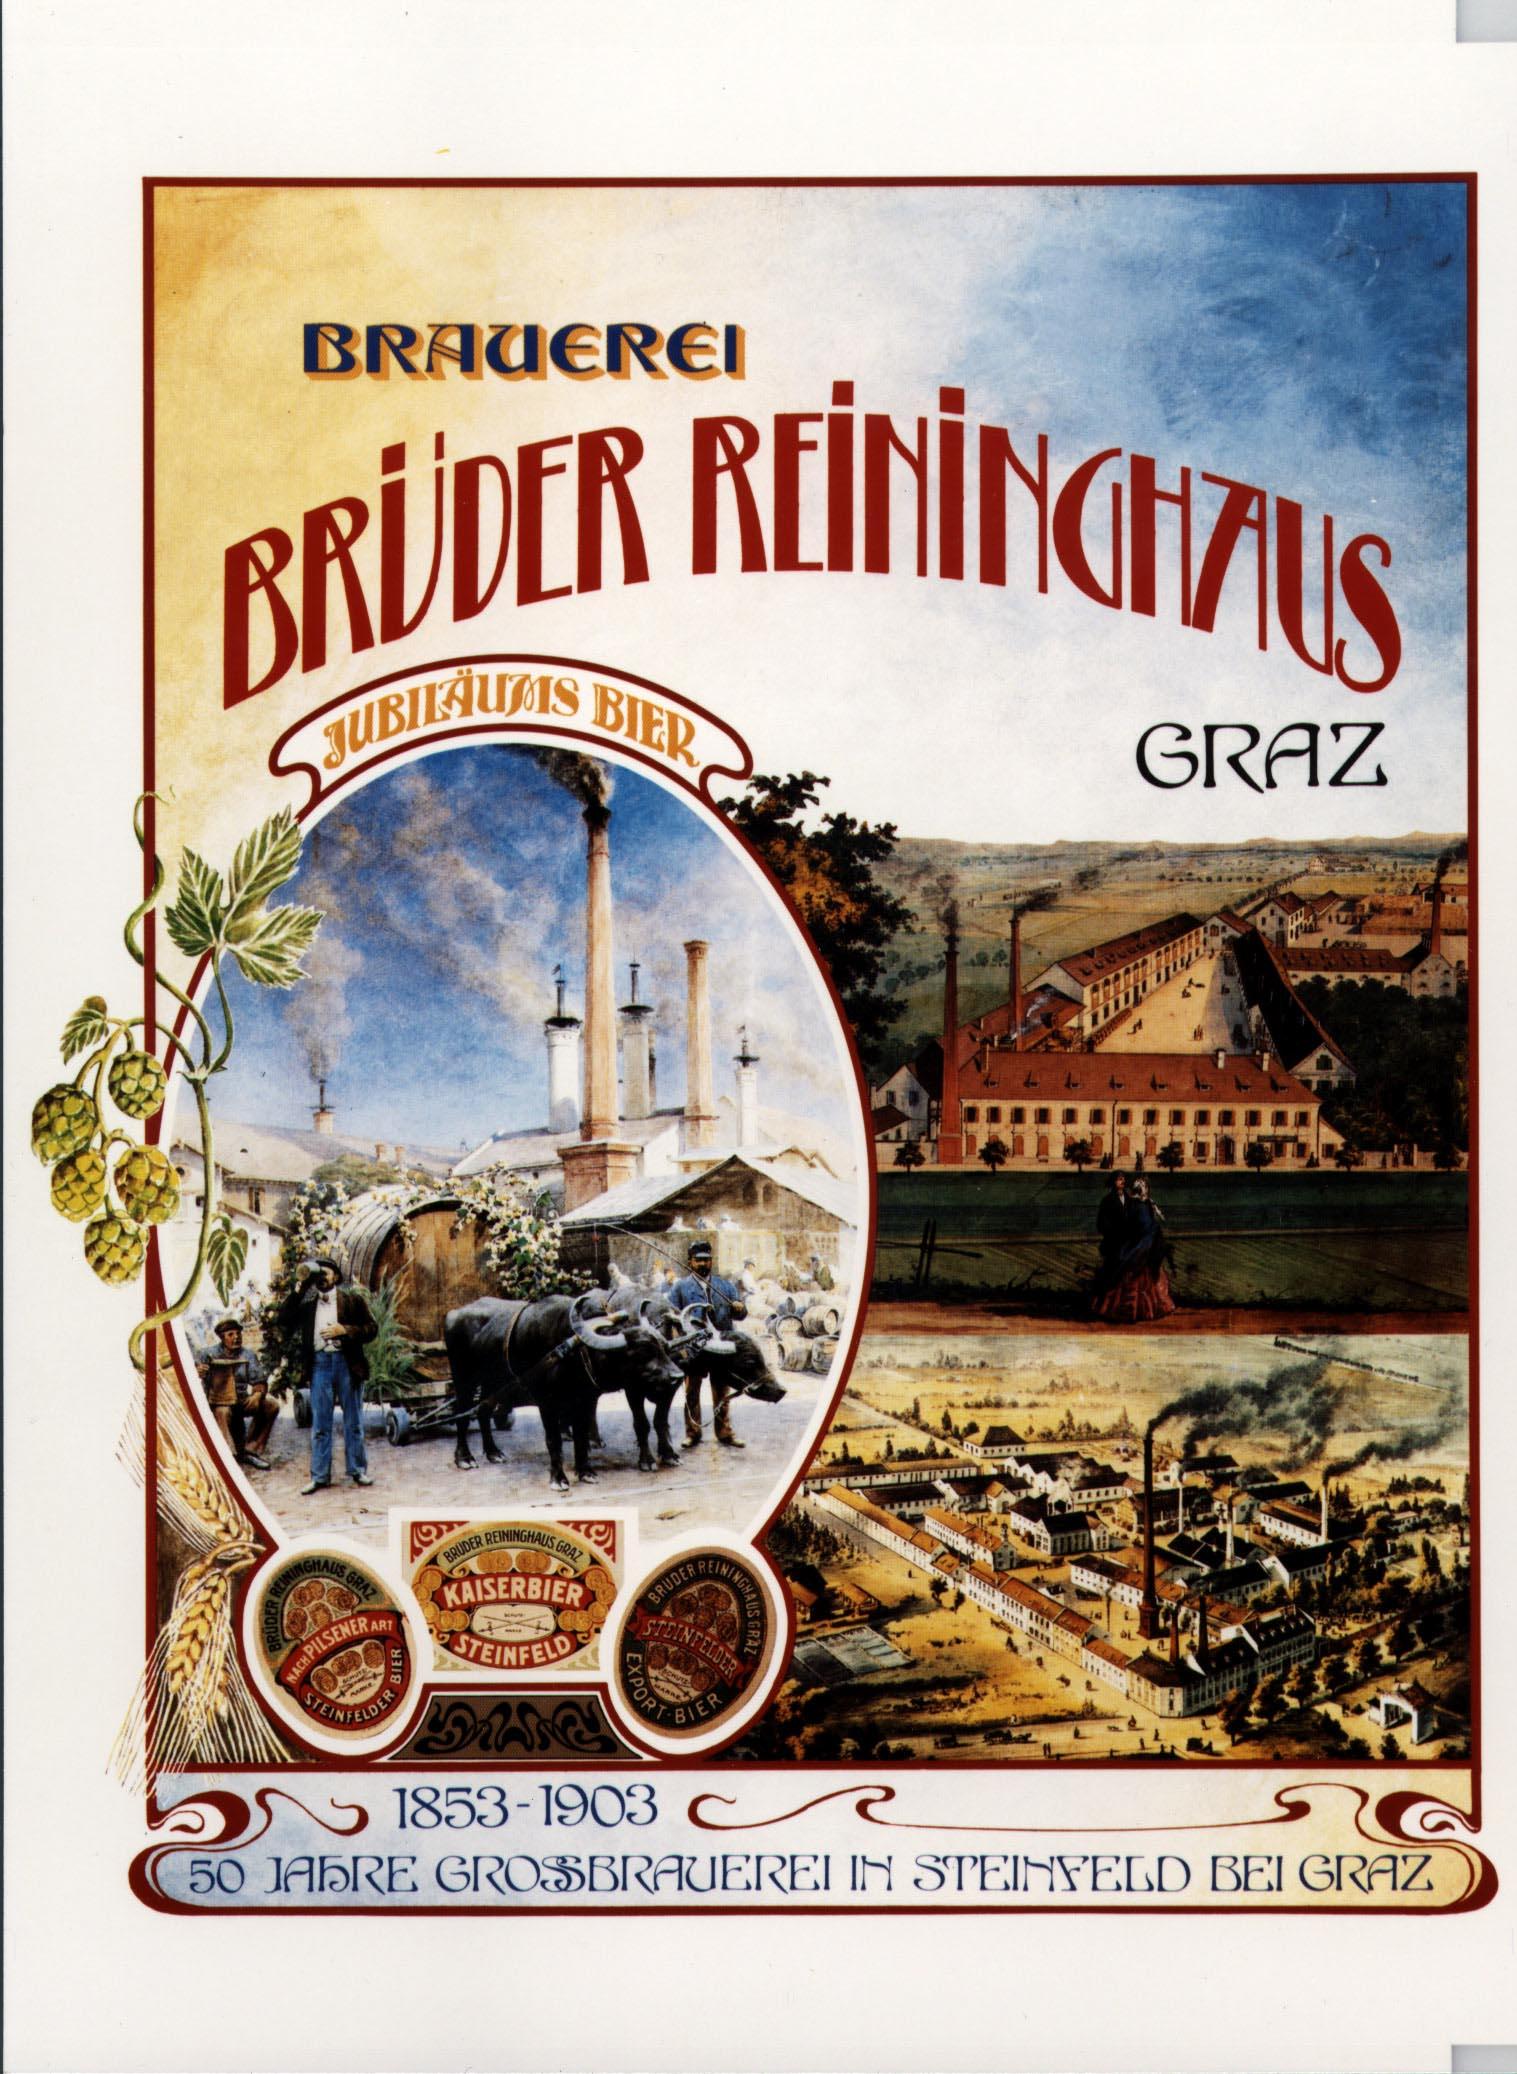 BrauUnion_Unternehmen-Geschichte_Gallery-3